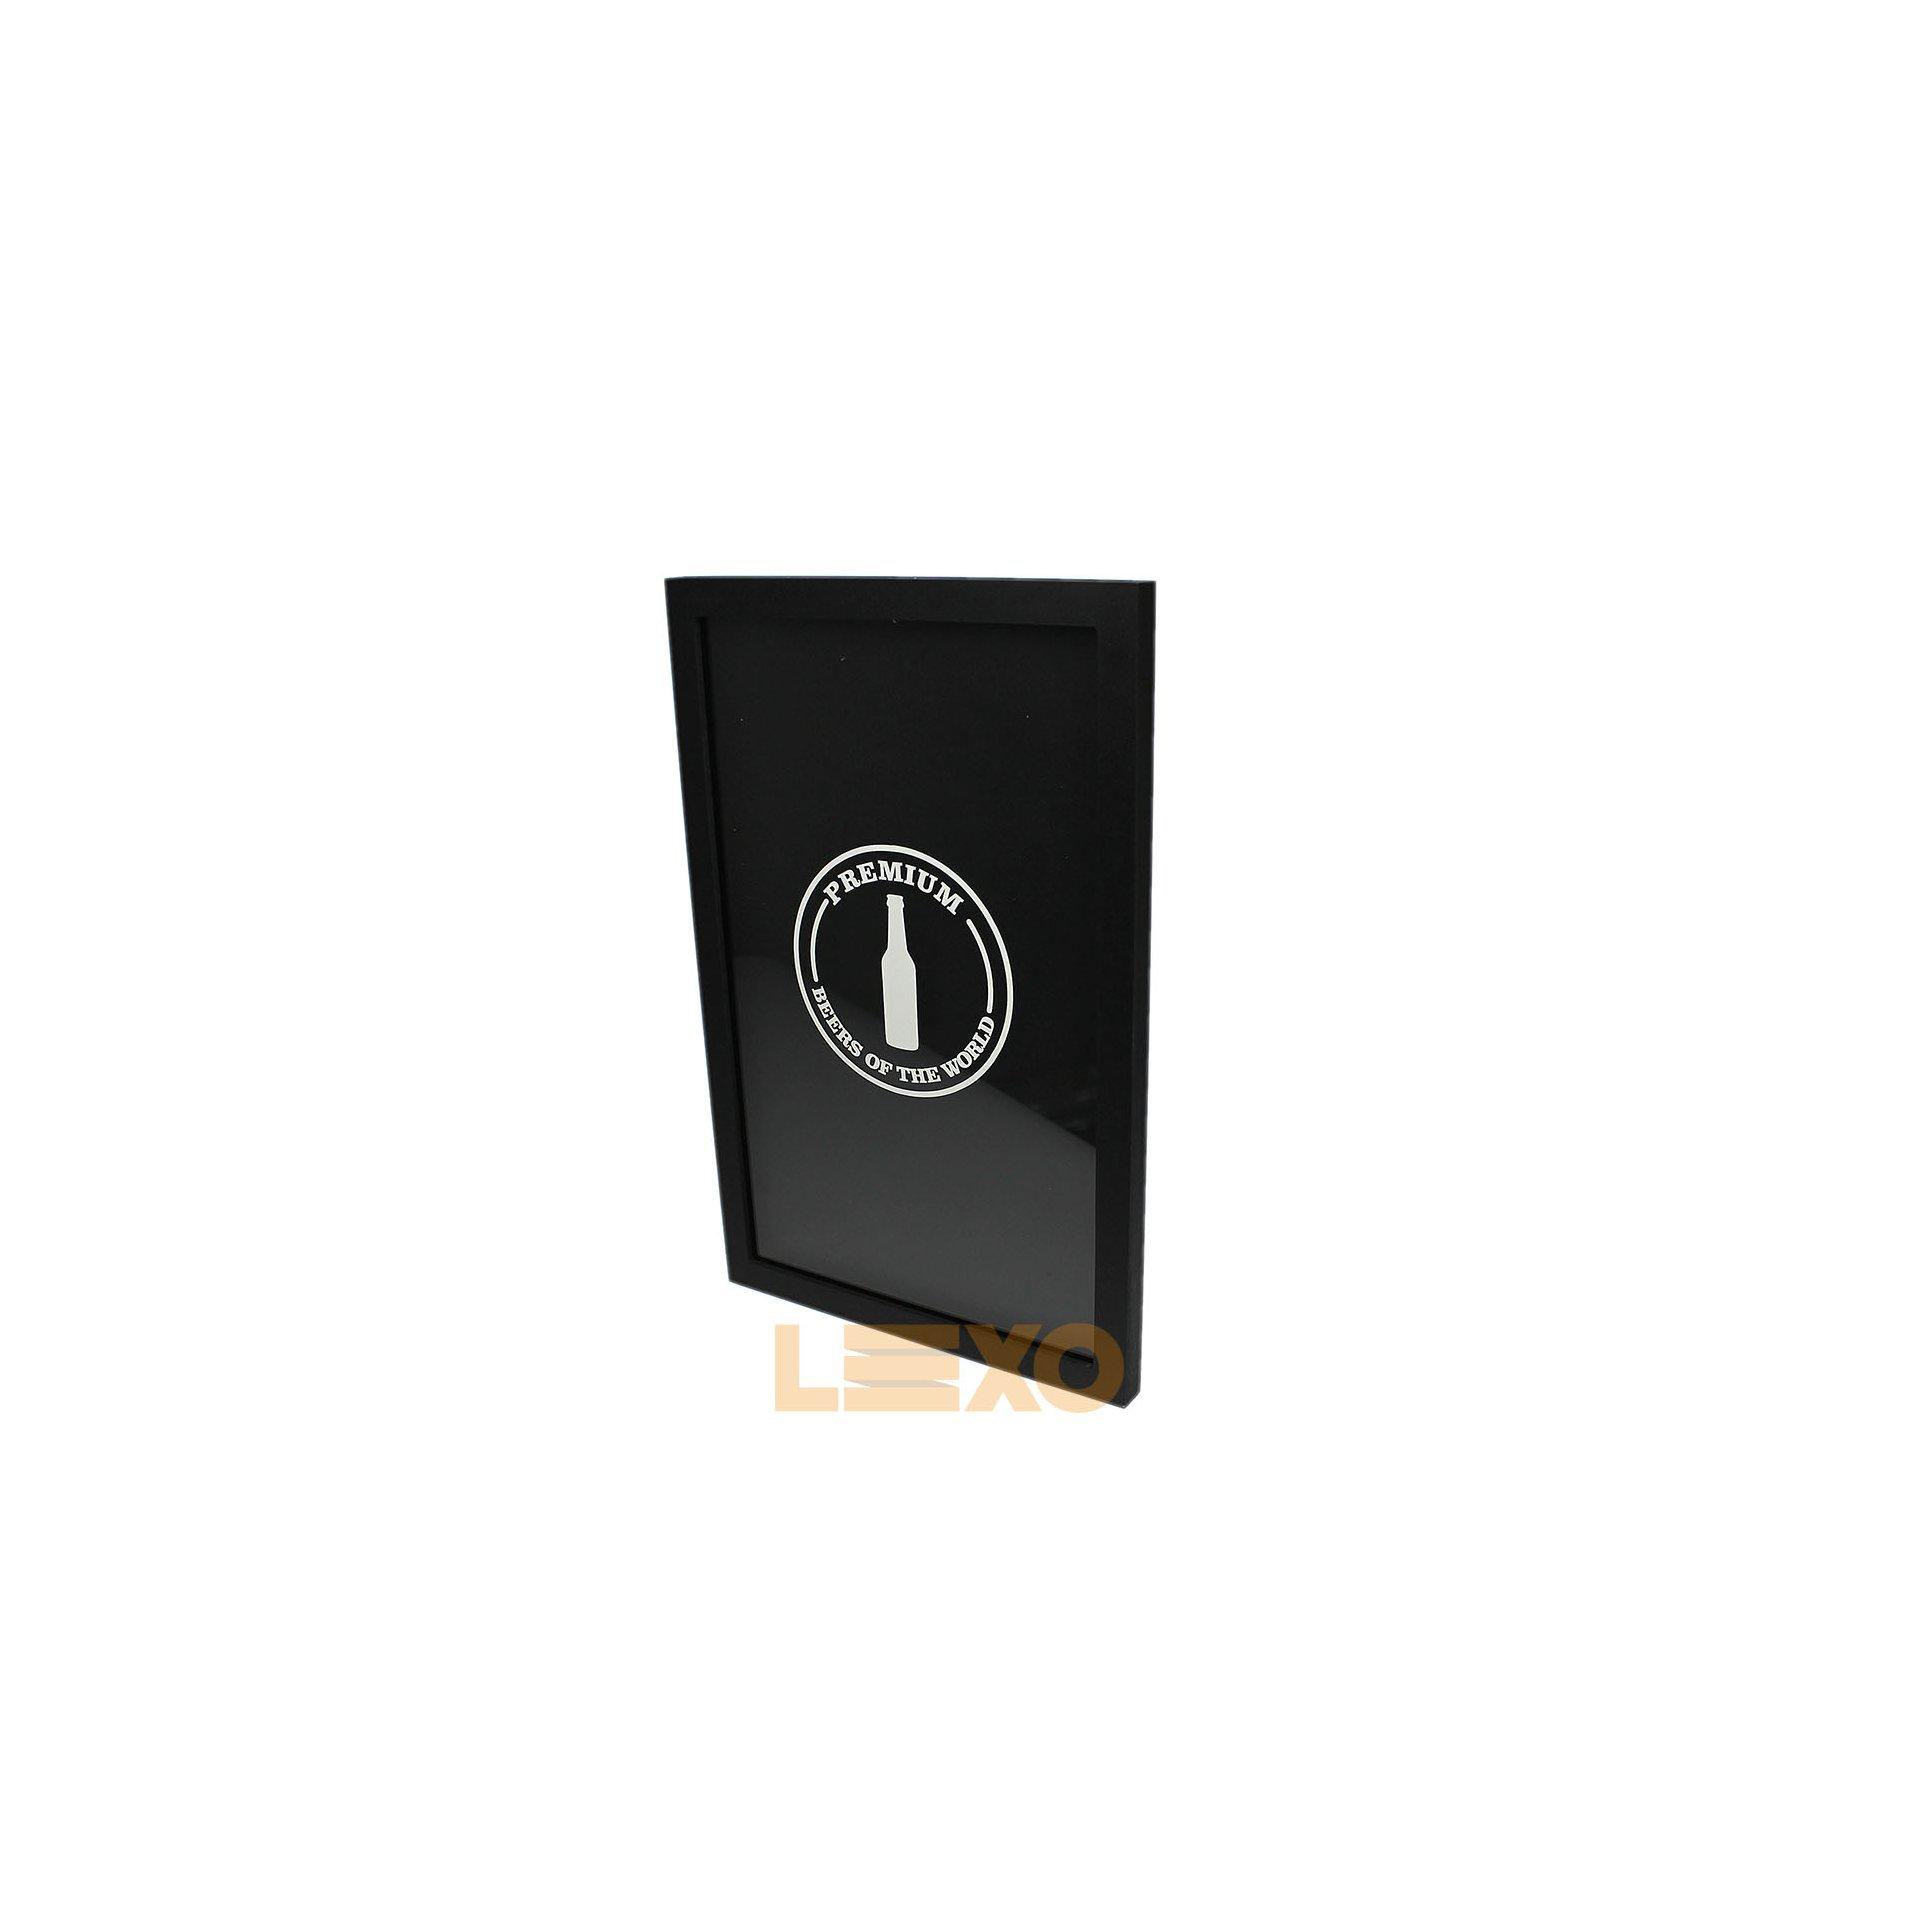 Quadro Portatampas Premium Grande/estreito - Bar Light